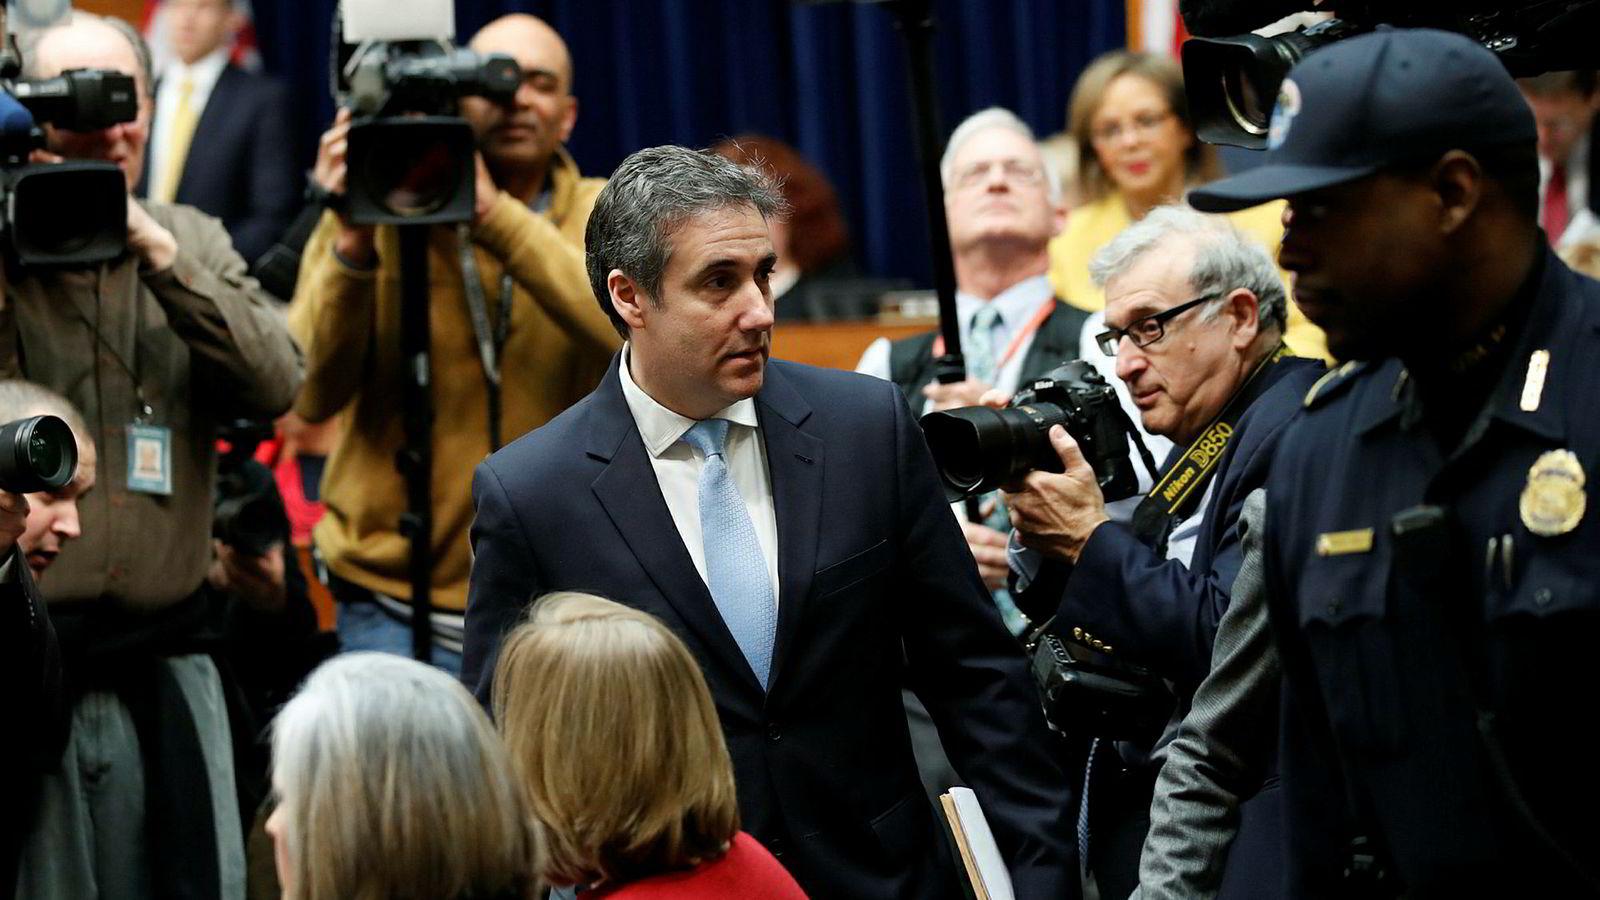 Michael Cohen på vei inn til komitéhøringen i kongressen i USA onsdag.